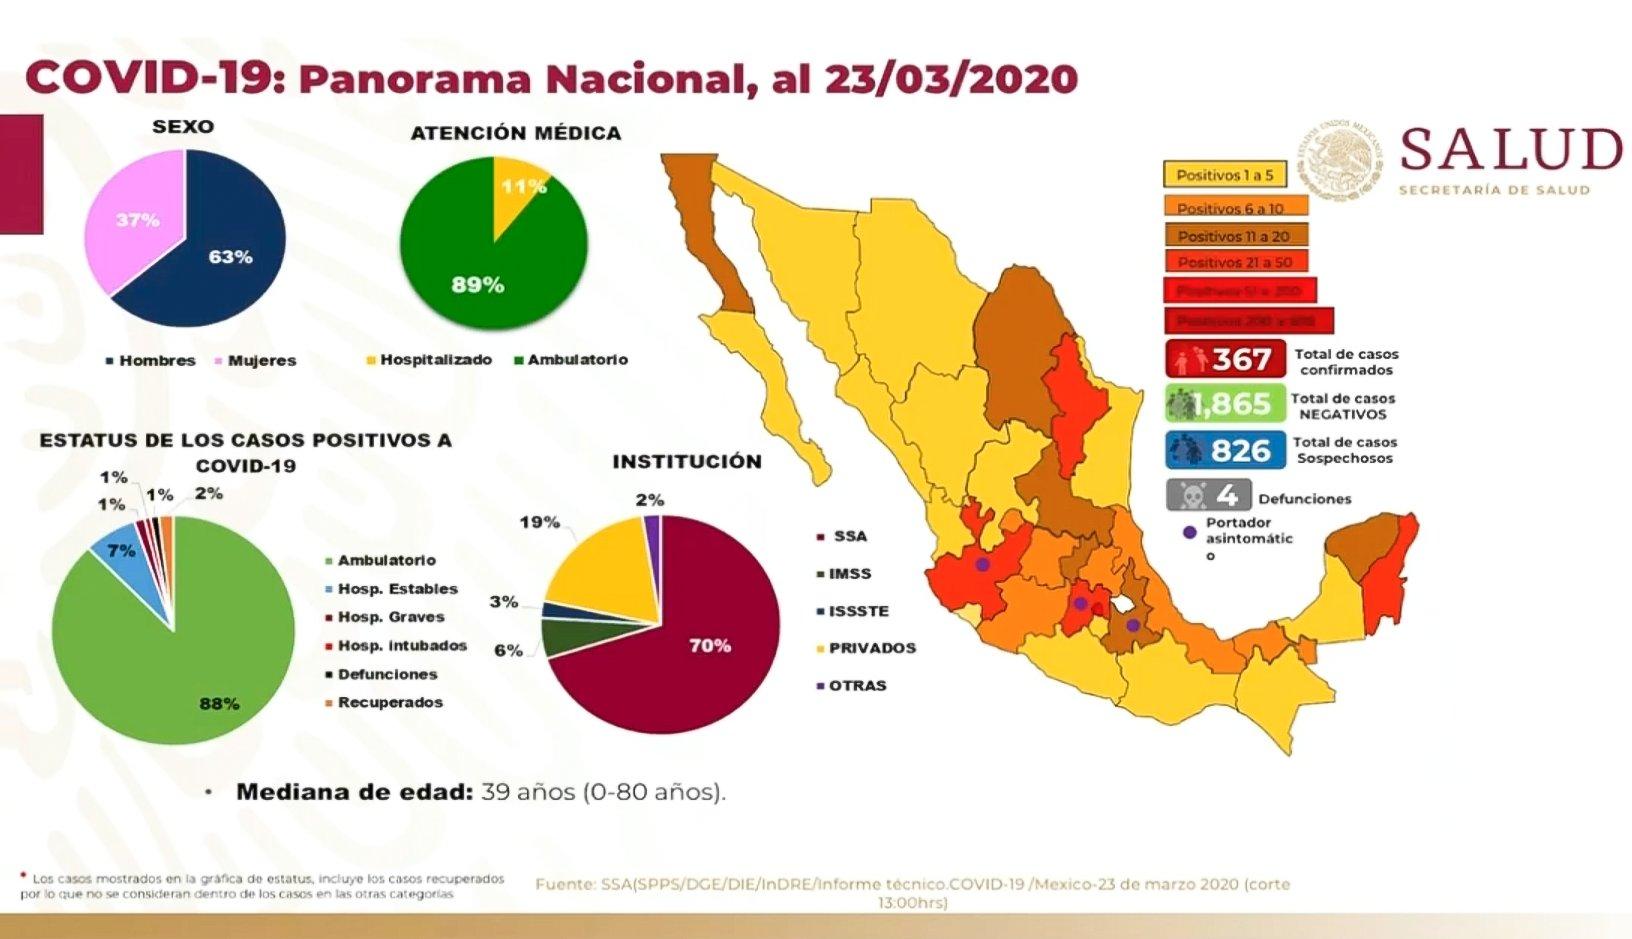 CONFIRMA SECRETARÍA DE SALUD 367 CASOS DE COVID-19 EN MÉXICO